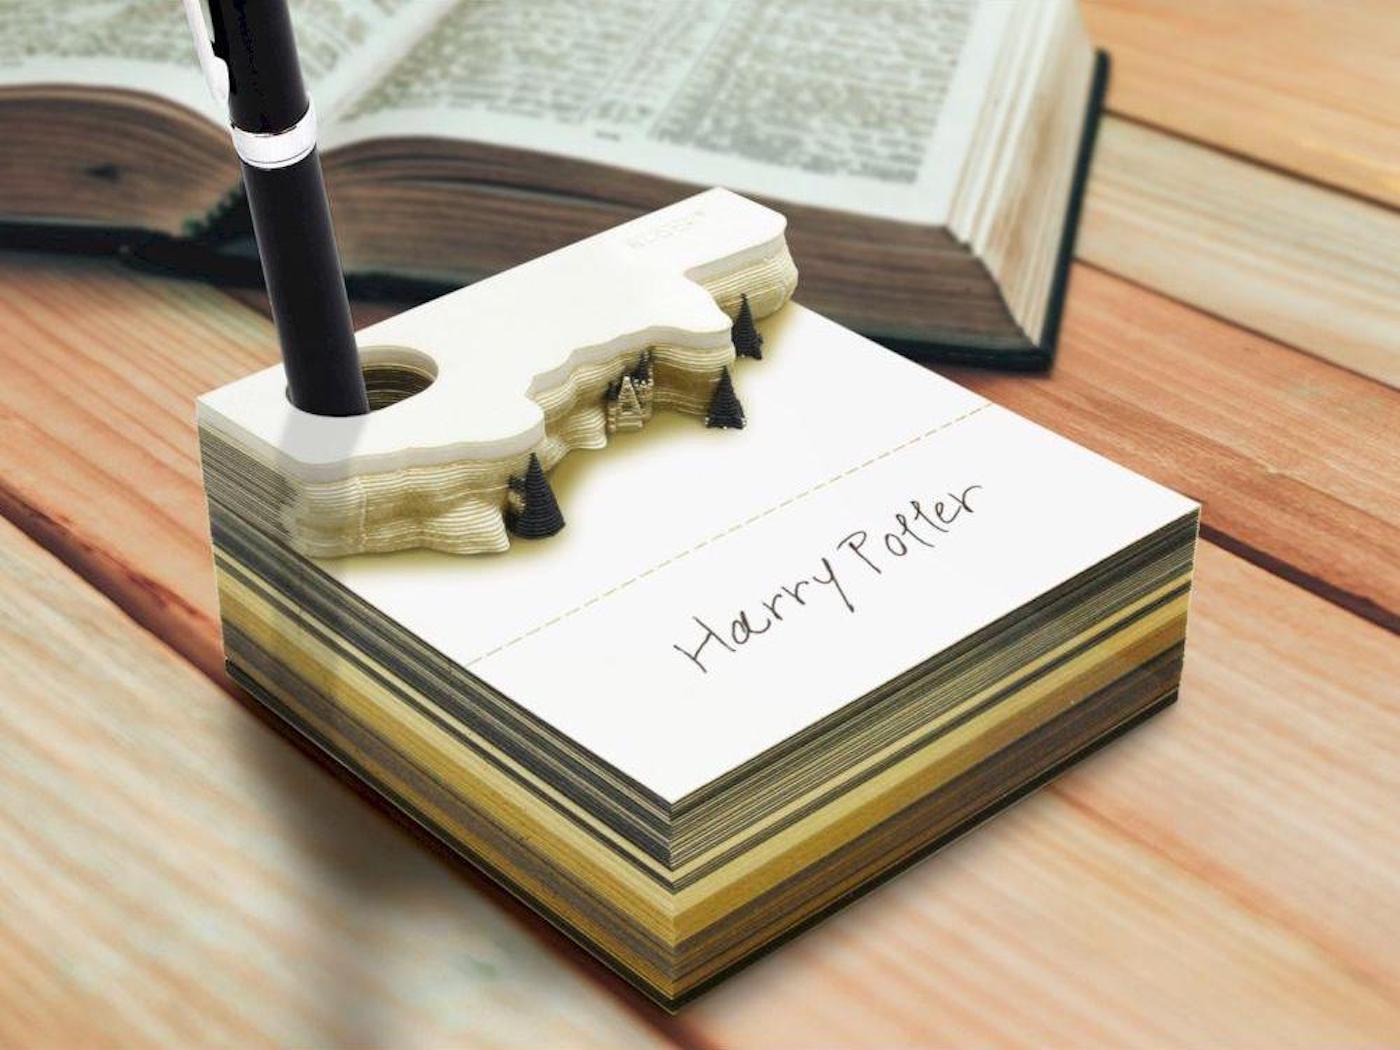 Ce bloc-notes Harry Potter fait apparaître le château de Poudlard une fois consommé